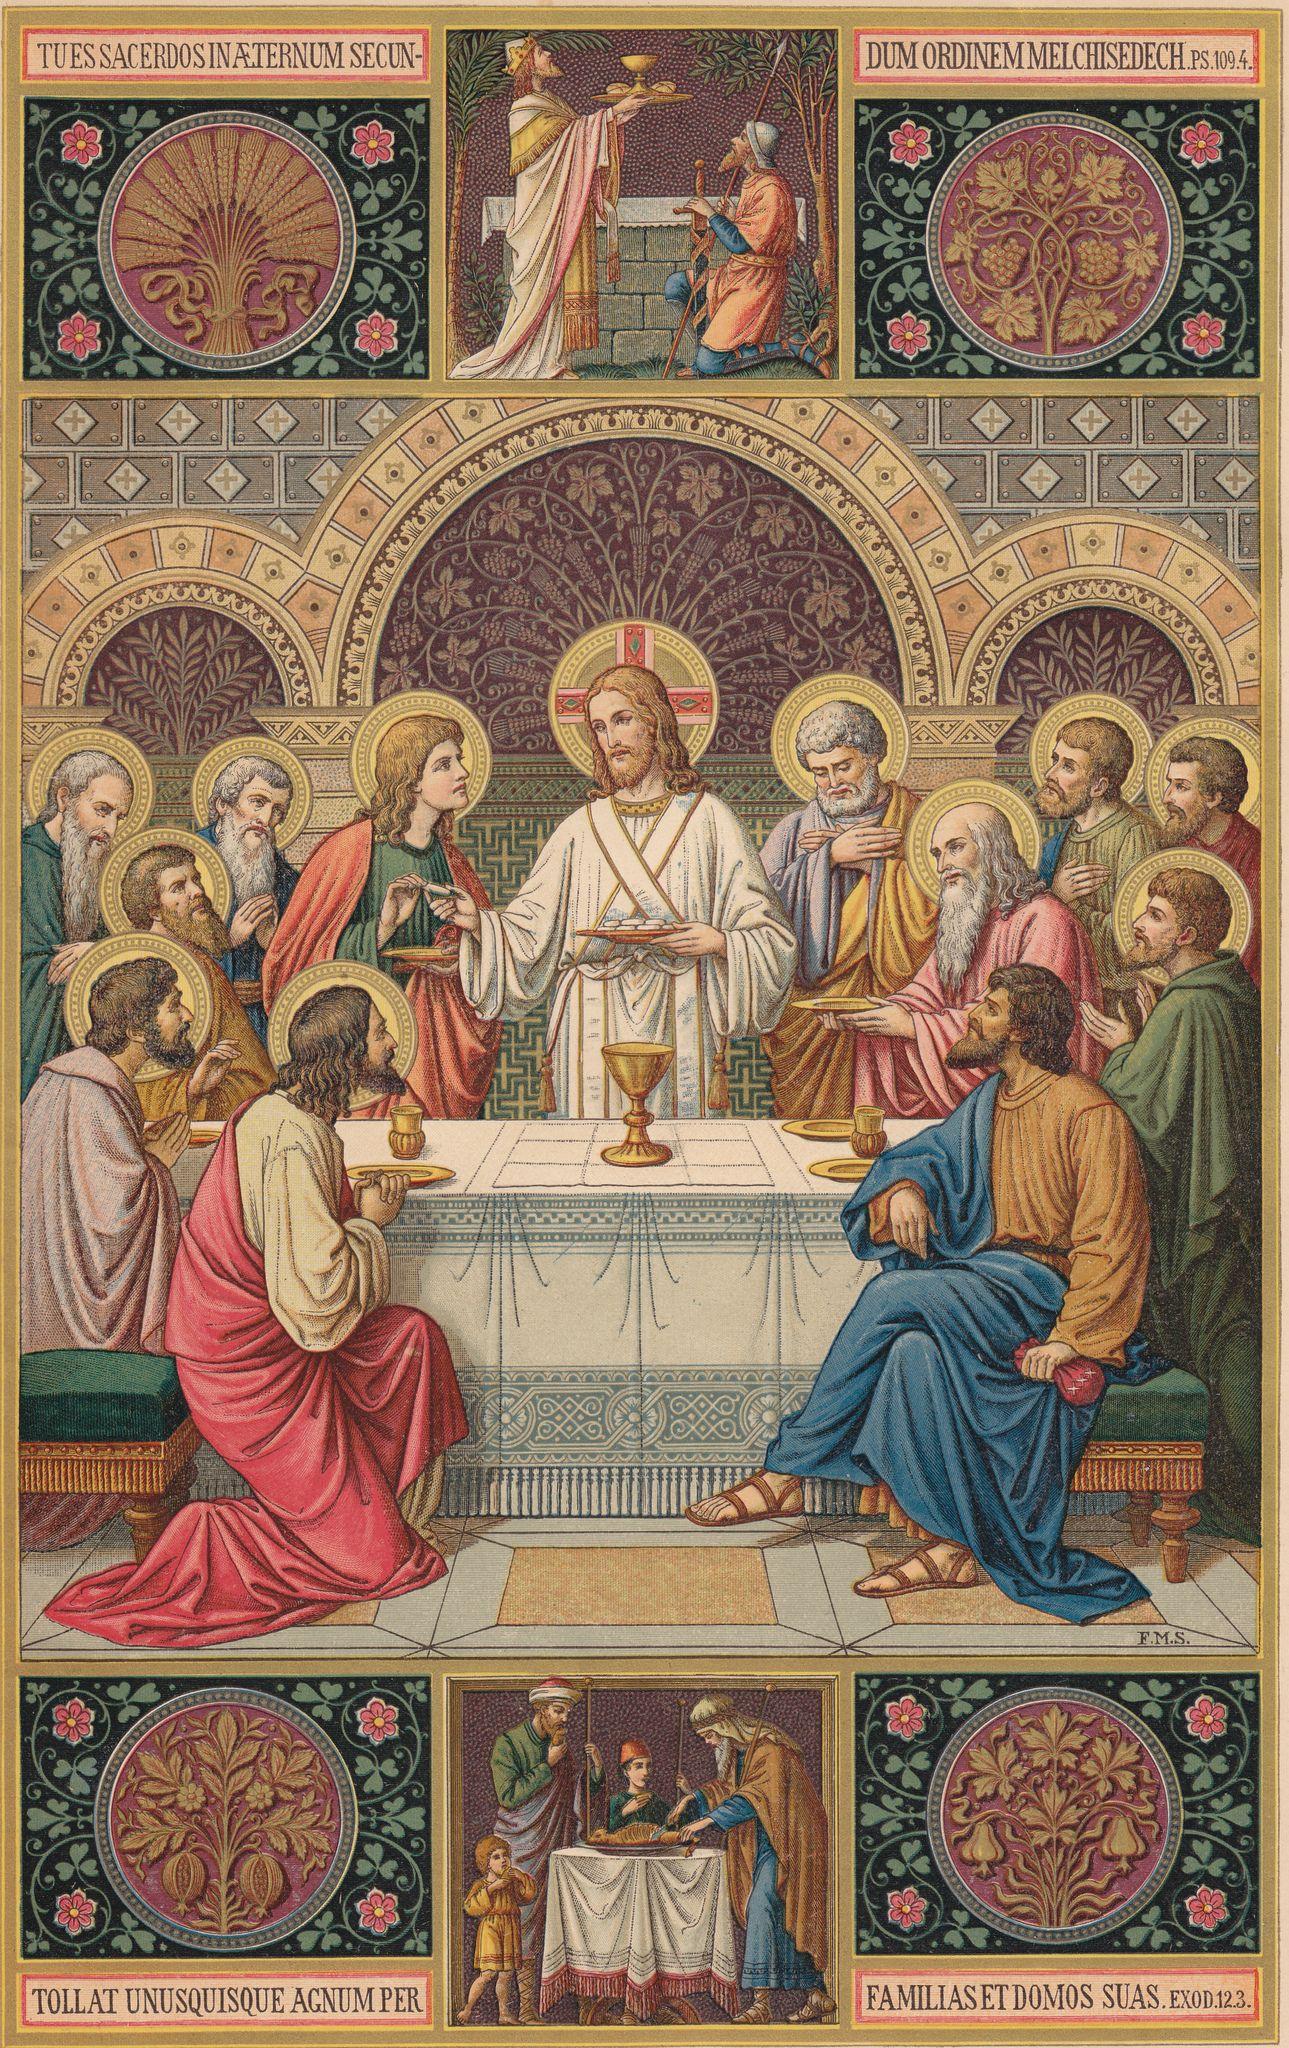 Abendmahlbild Von F M S Aus Dem Missale Romanum Altarbuch Von